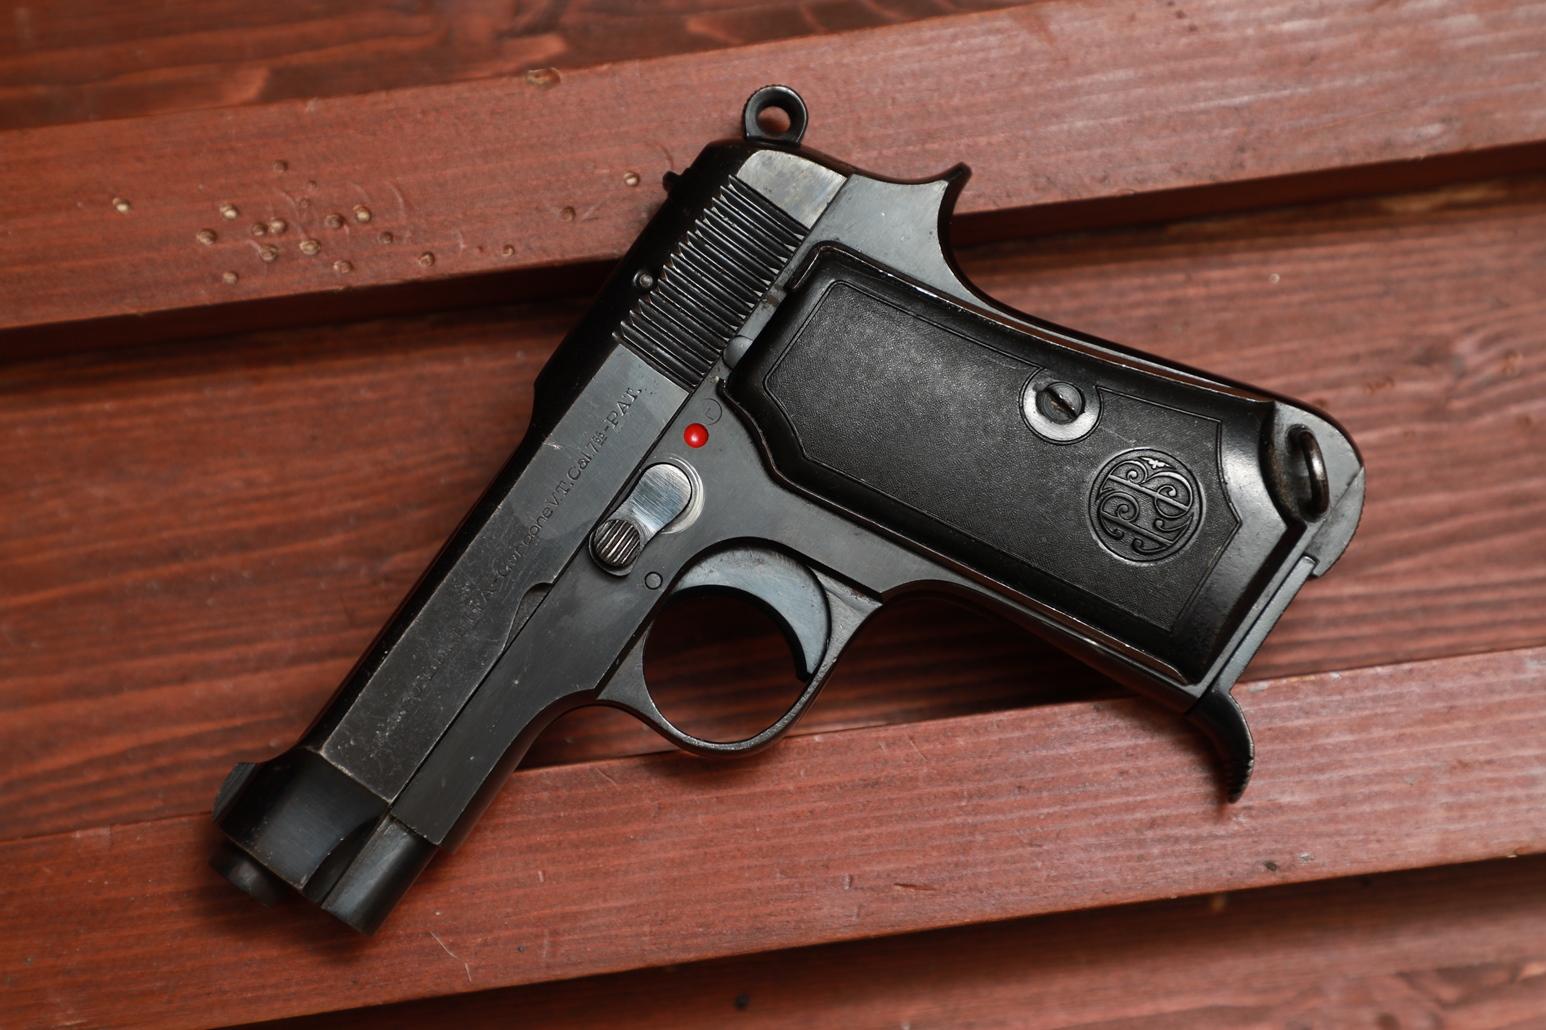 Фото Охолощенный пистолет Beretta M35 #821264